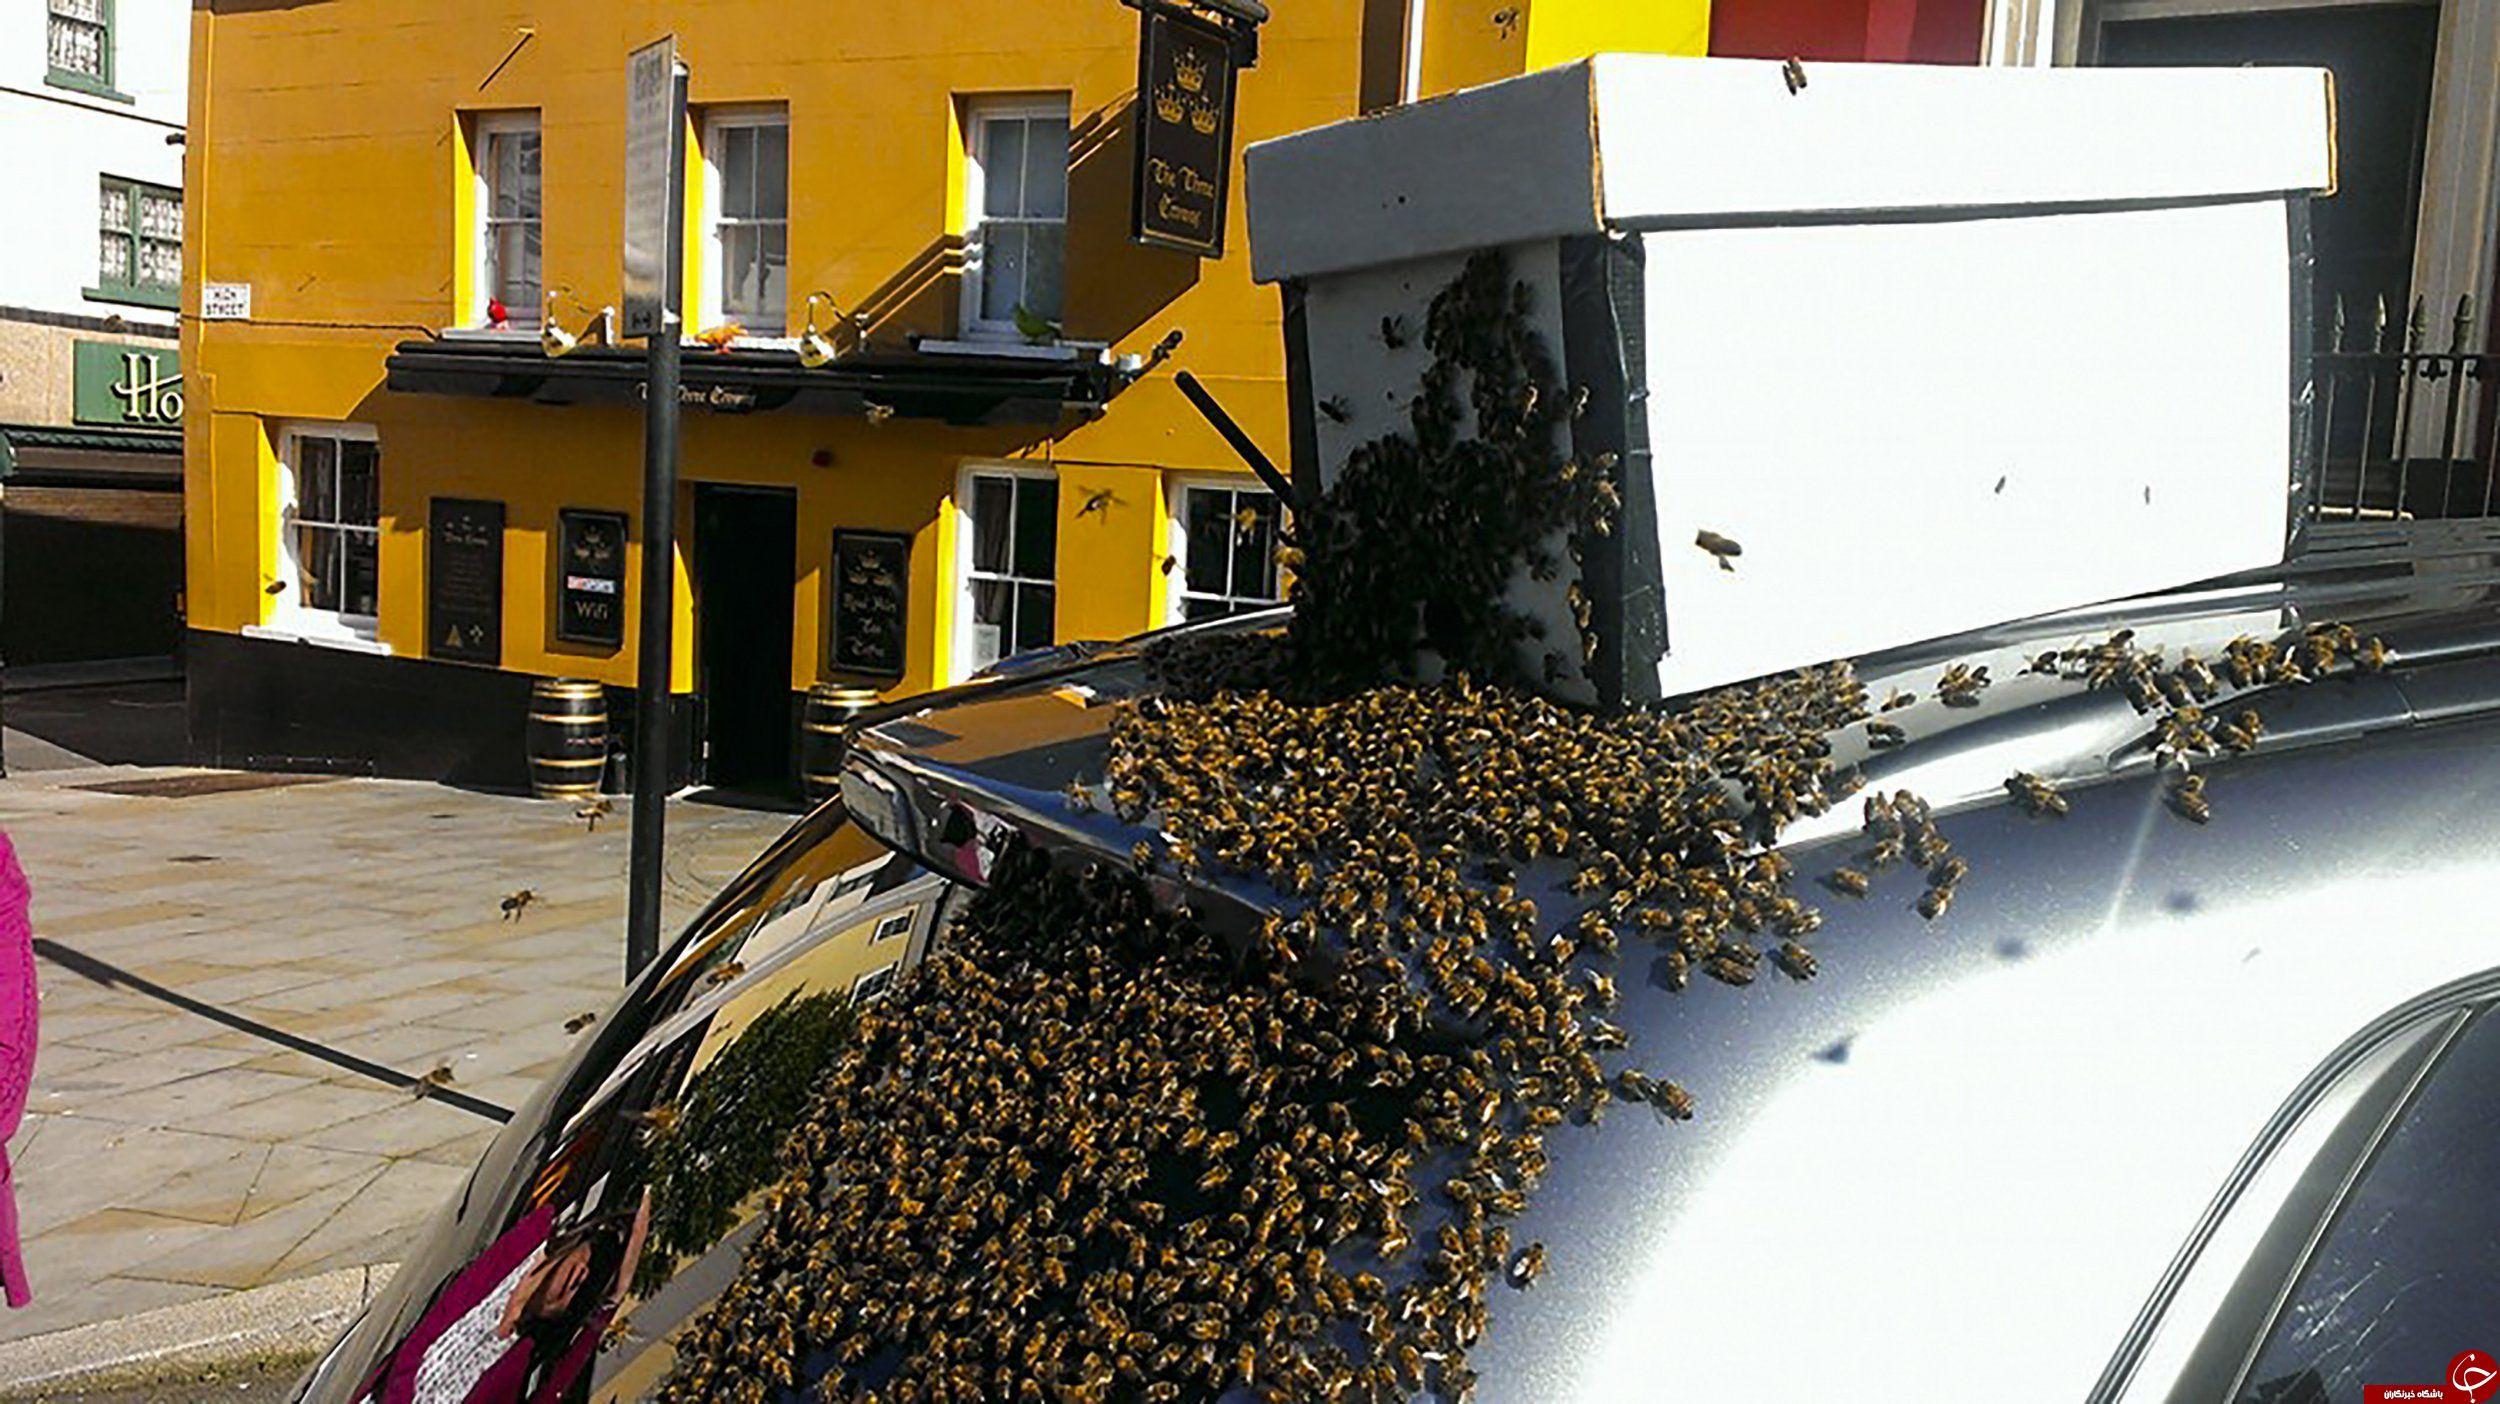 تعقیب وگریز زنبورهای عسل به خاطر نجات ملکه خود +تصاویر